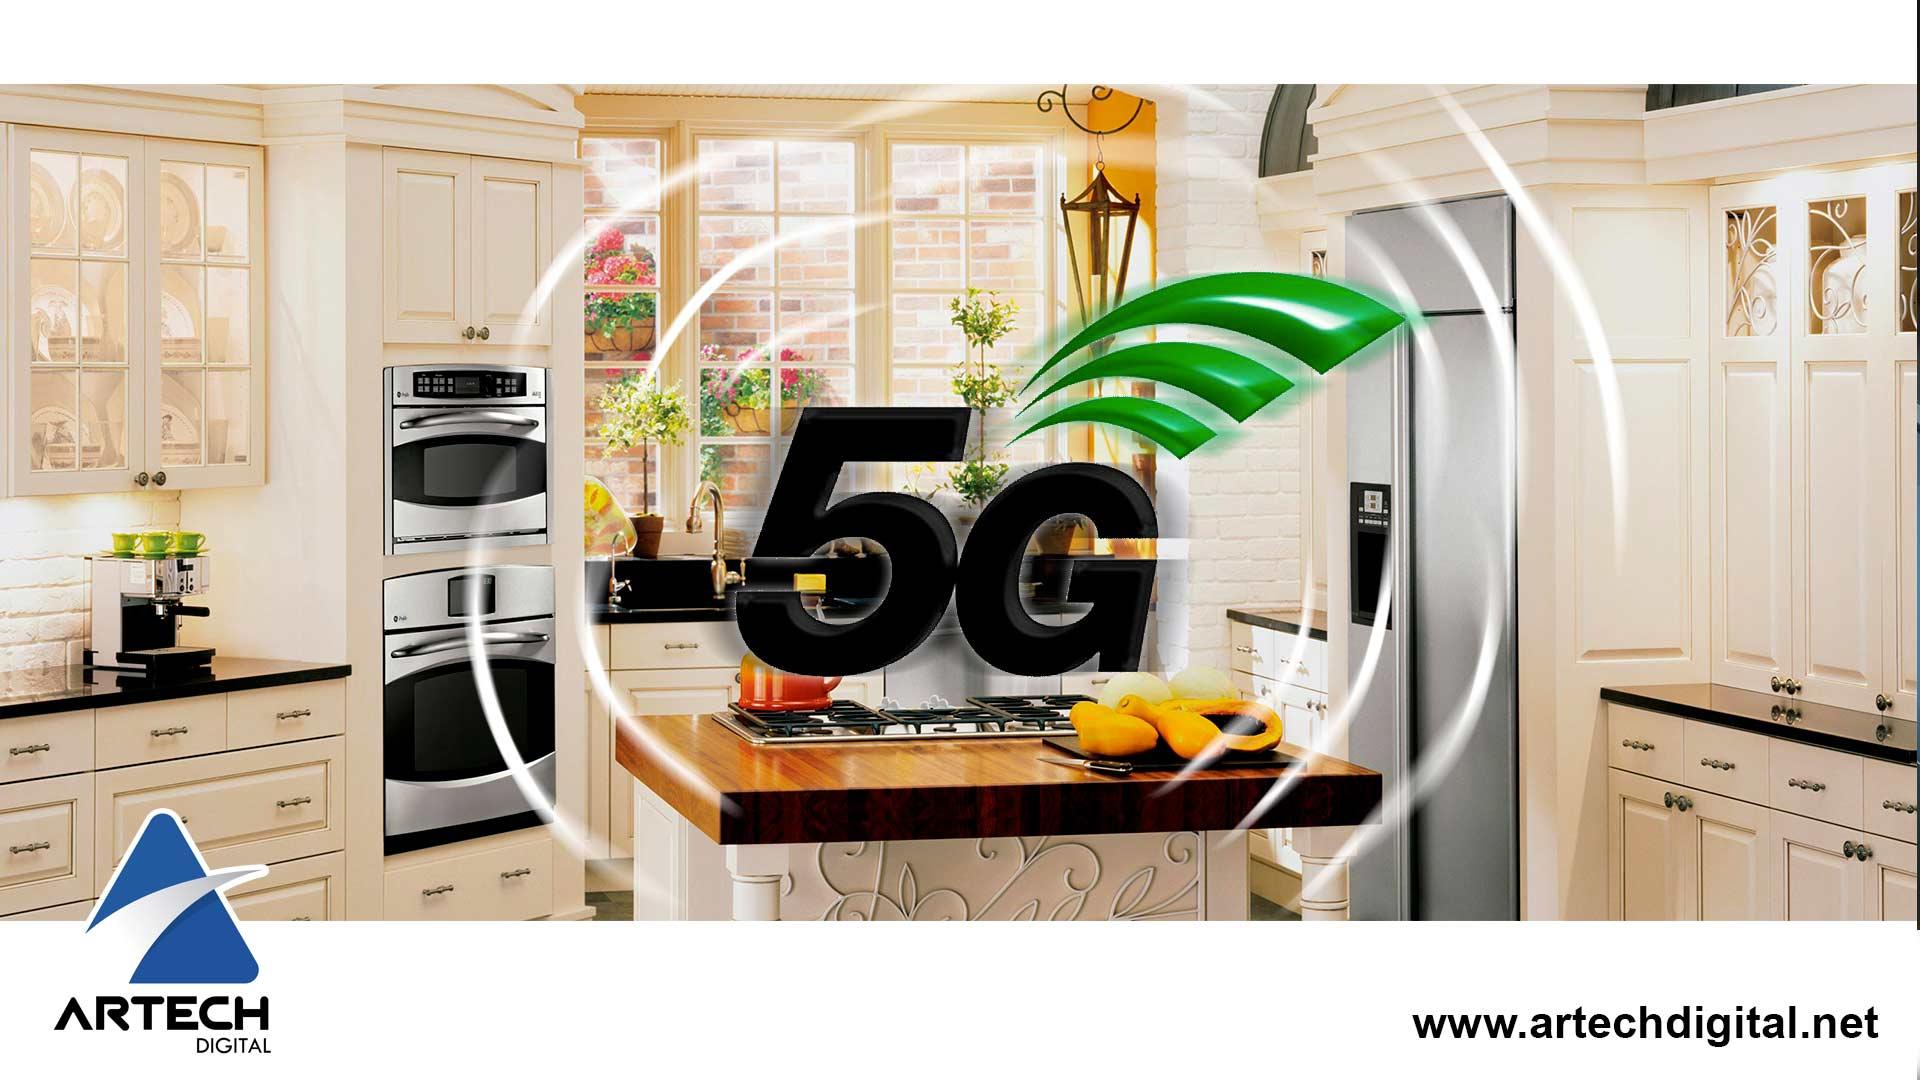 tecnología 5G - Artech Digital